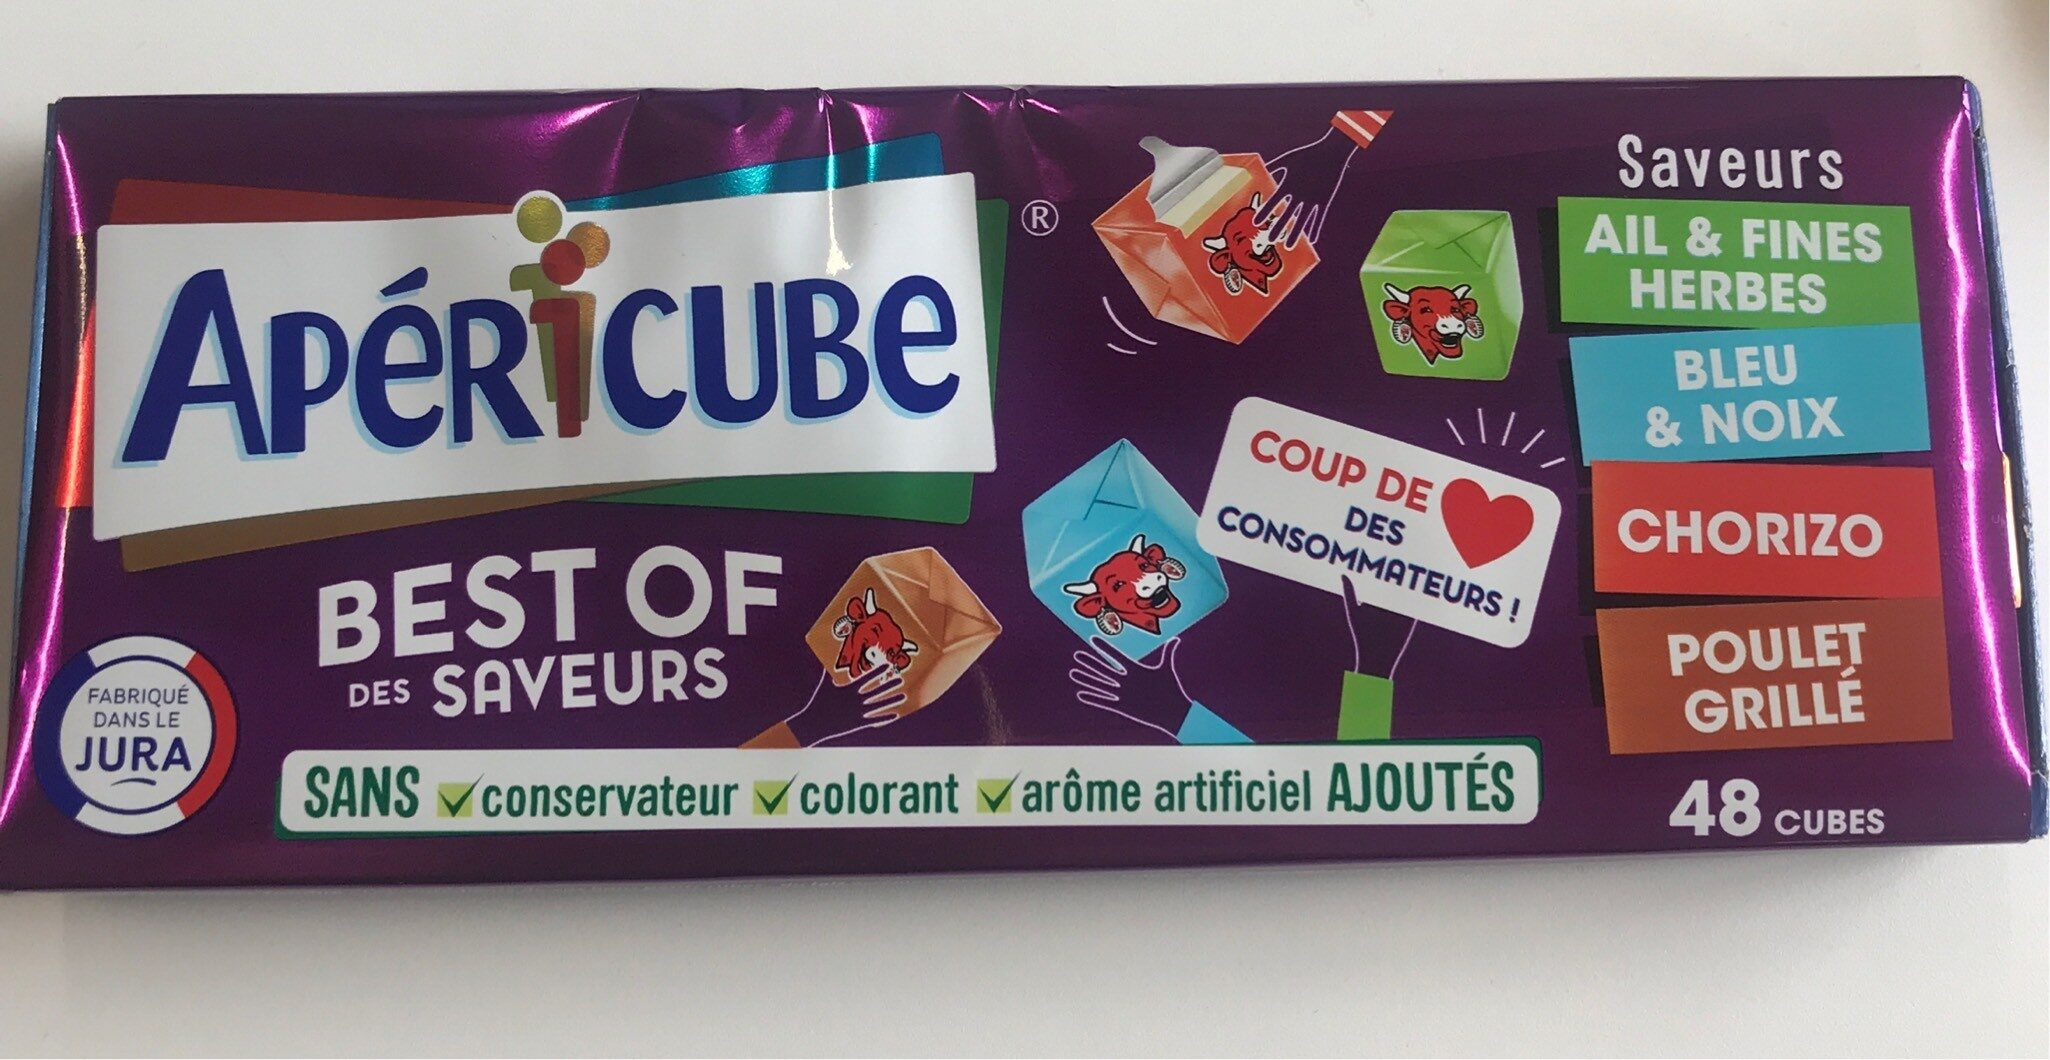 Apéricube Best of des Saveurs - Product - fr